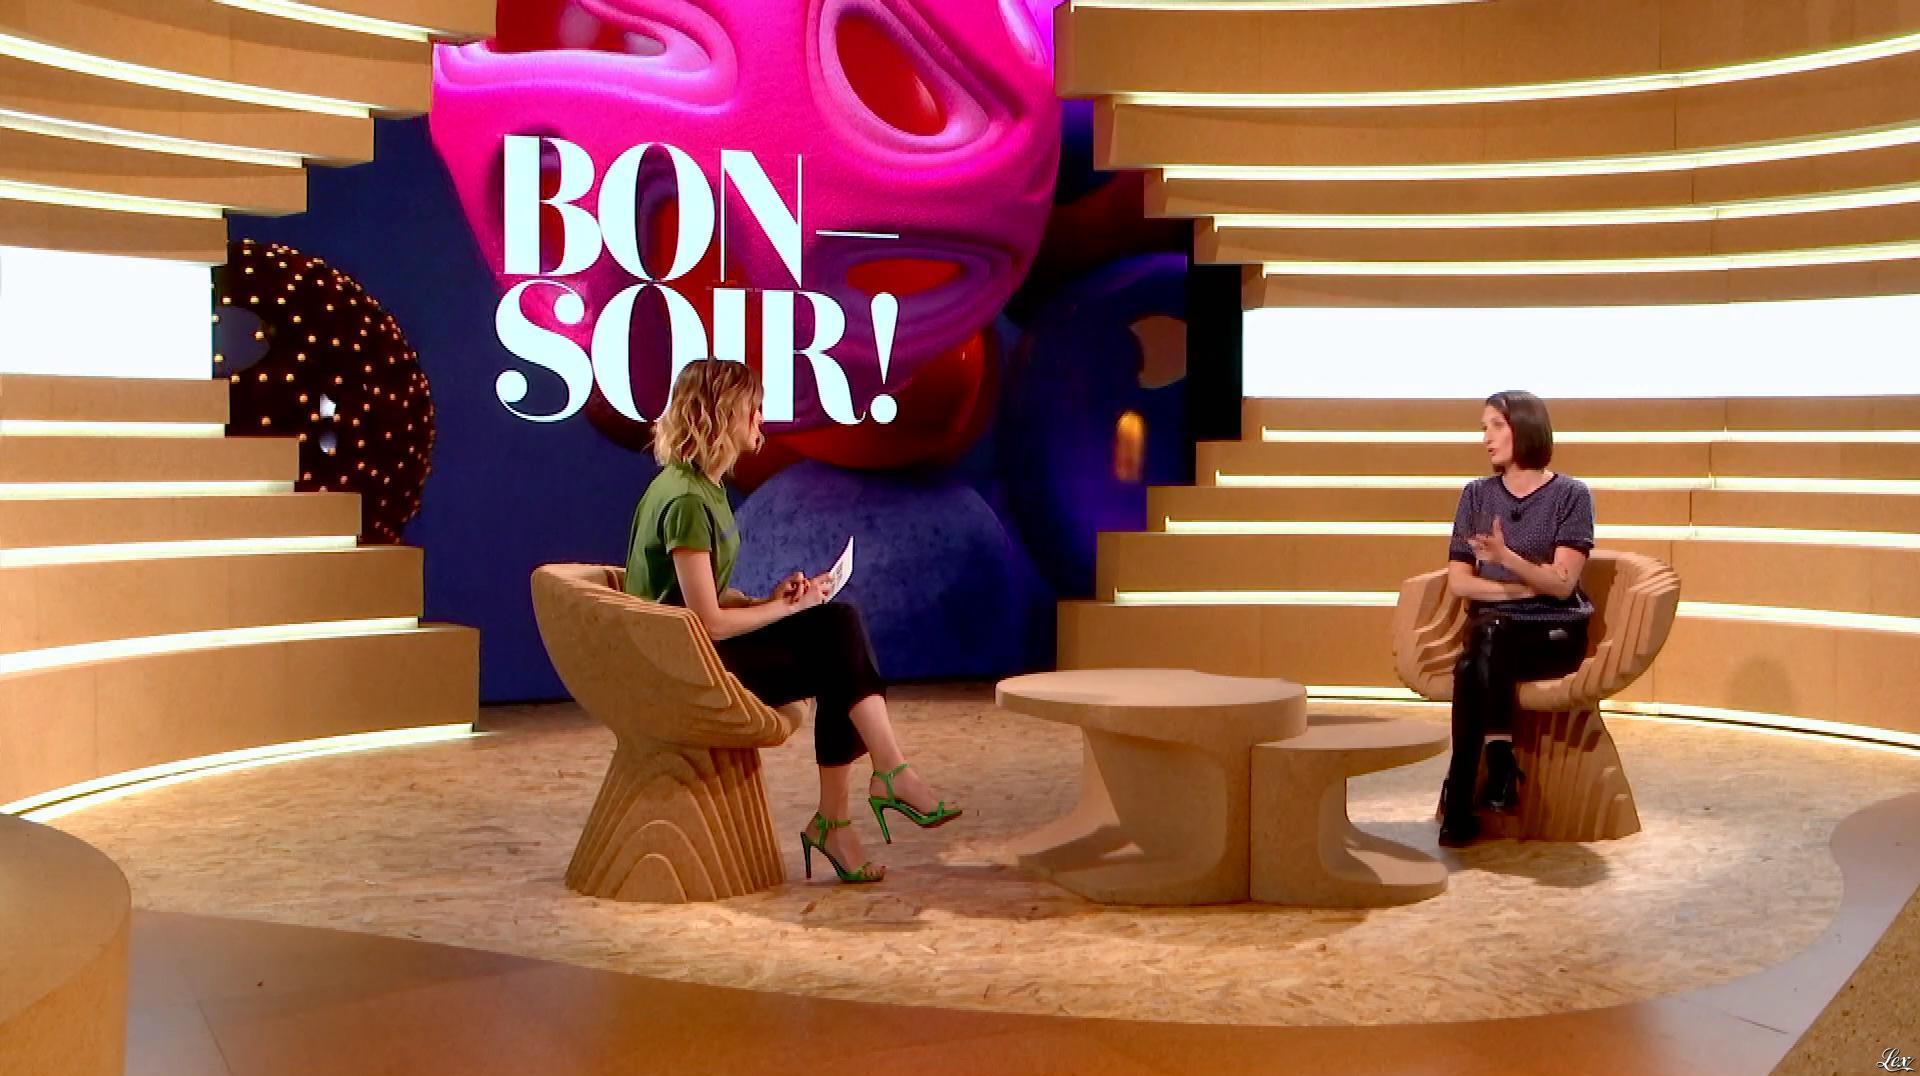 Isabelle Ithurburu et Camille Cottin dans Bonsoir. Diffusé à la télévision le 09/03/19.